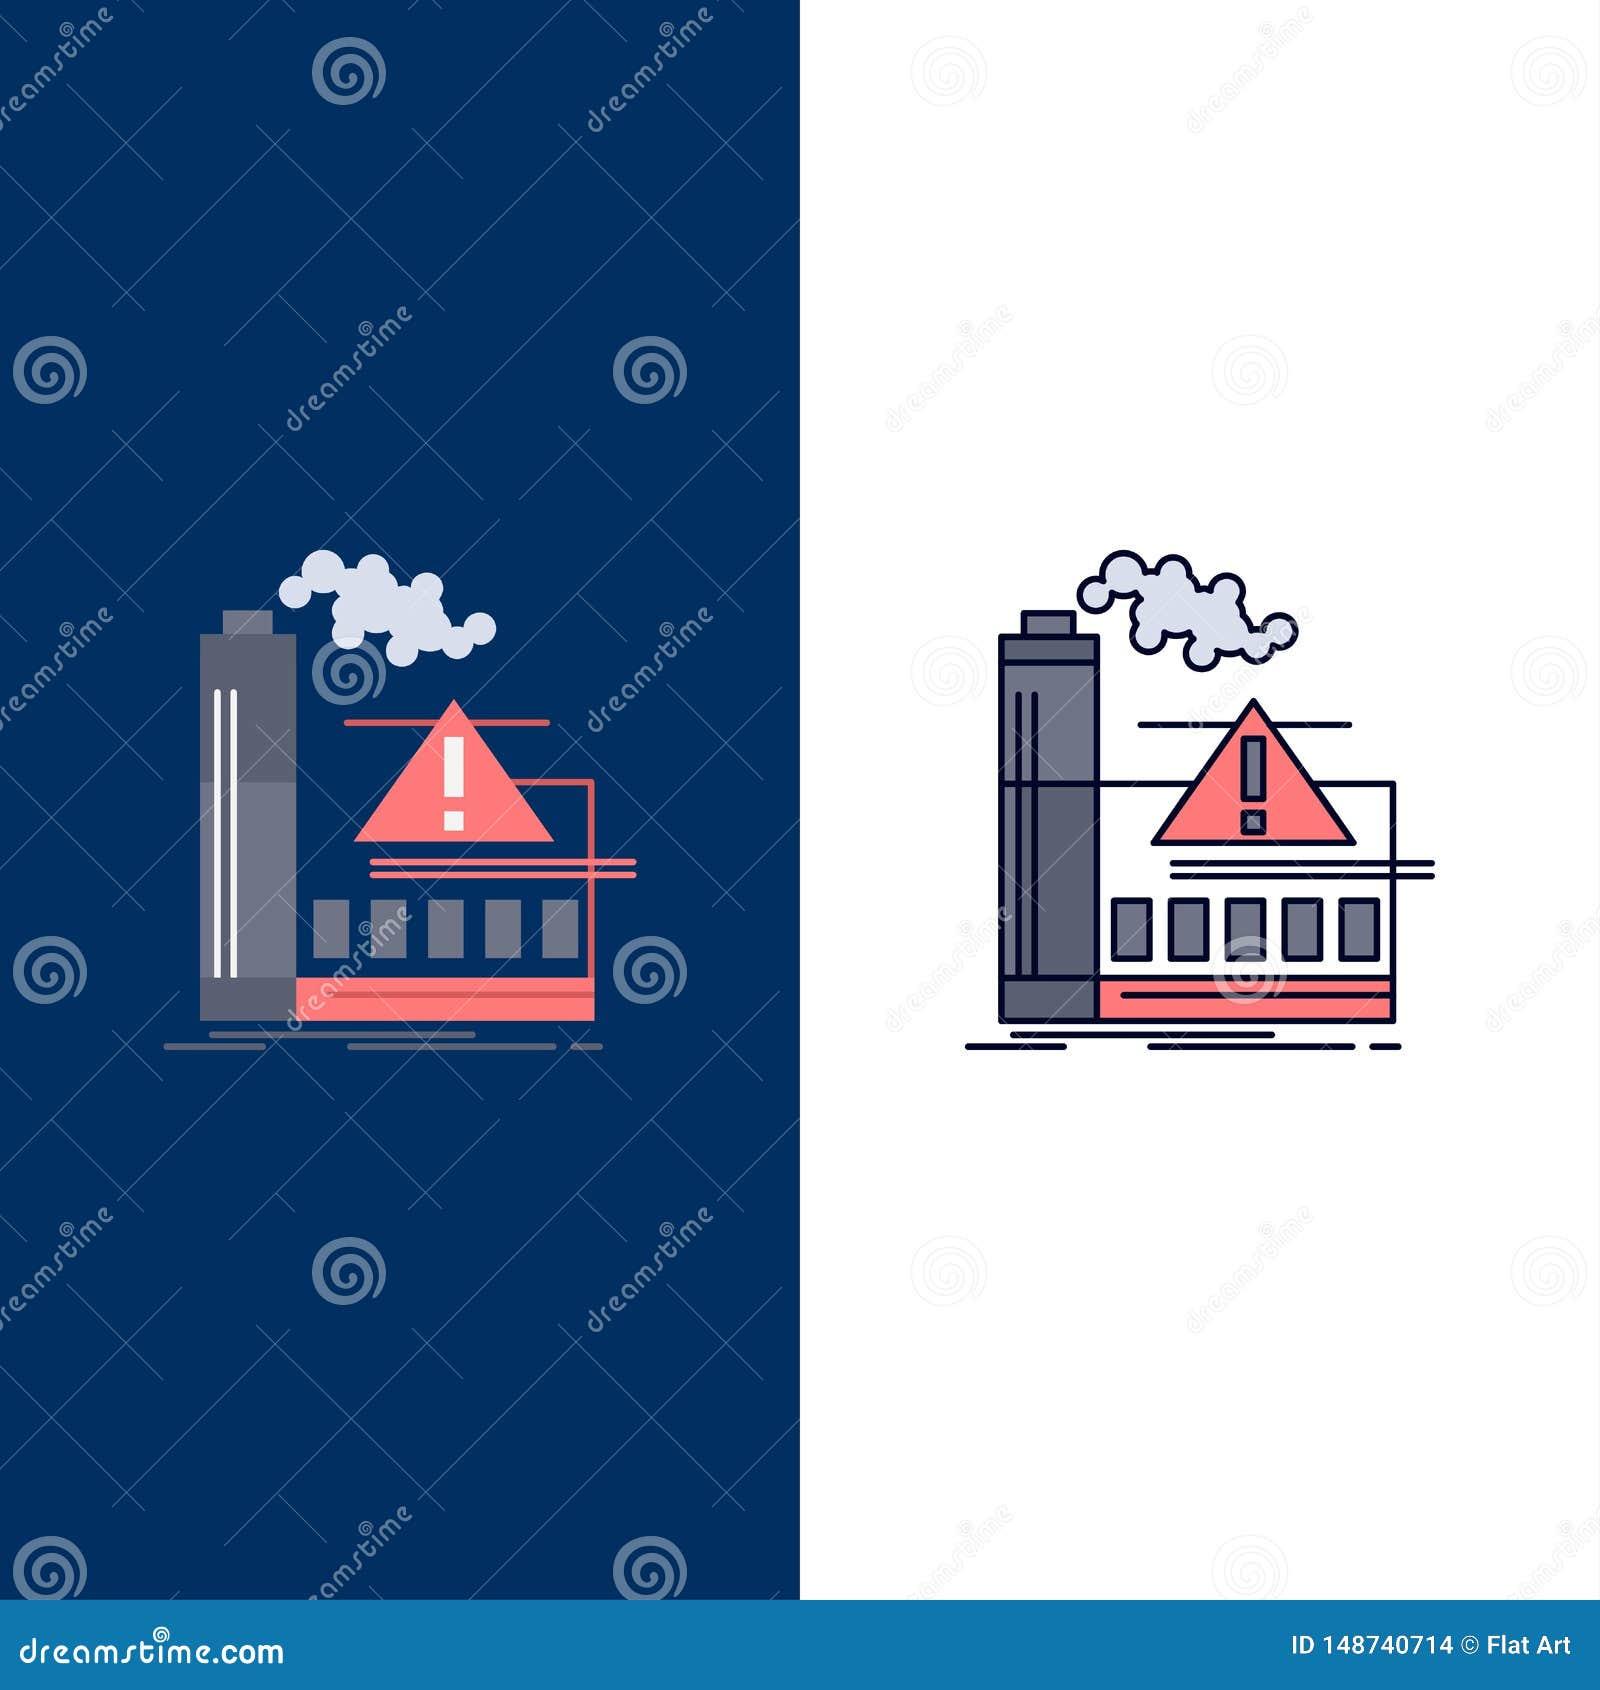 ρύπανση, εργοστάσιο, αέρας, επιφυλακή, επίπεδο διάνυσμα εικονιδίων χρώματος βιομηχανίας